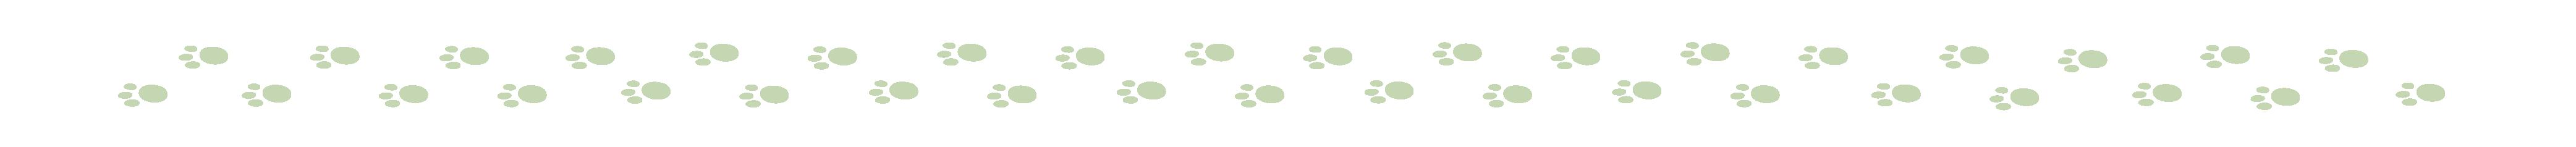 0078-2019-002 illustratie voetstapjes